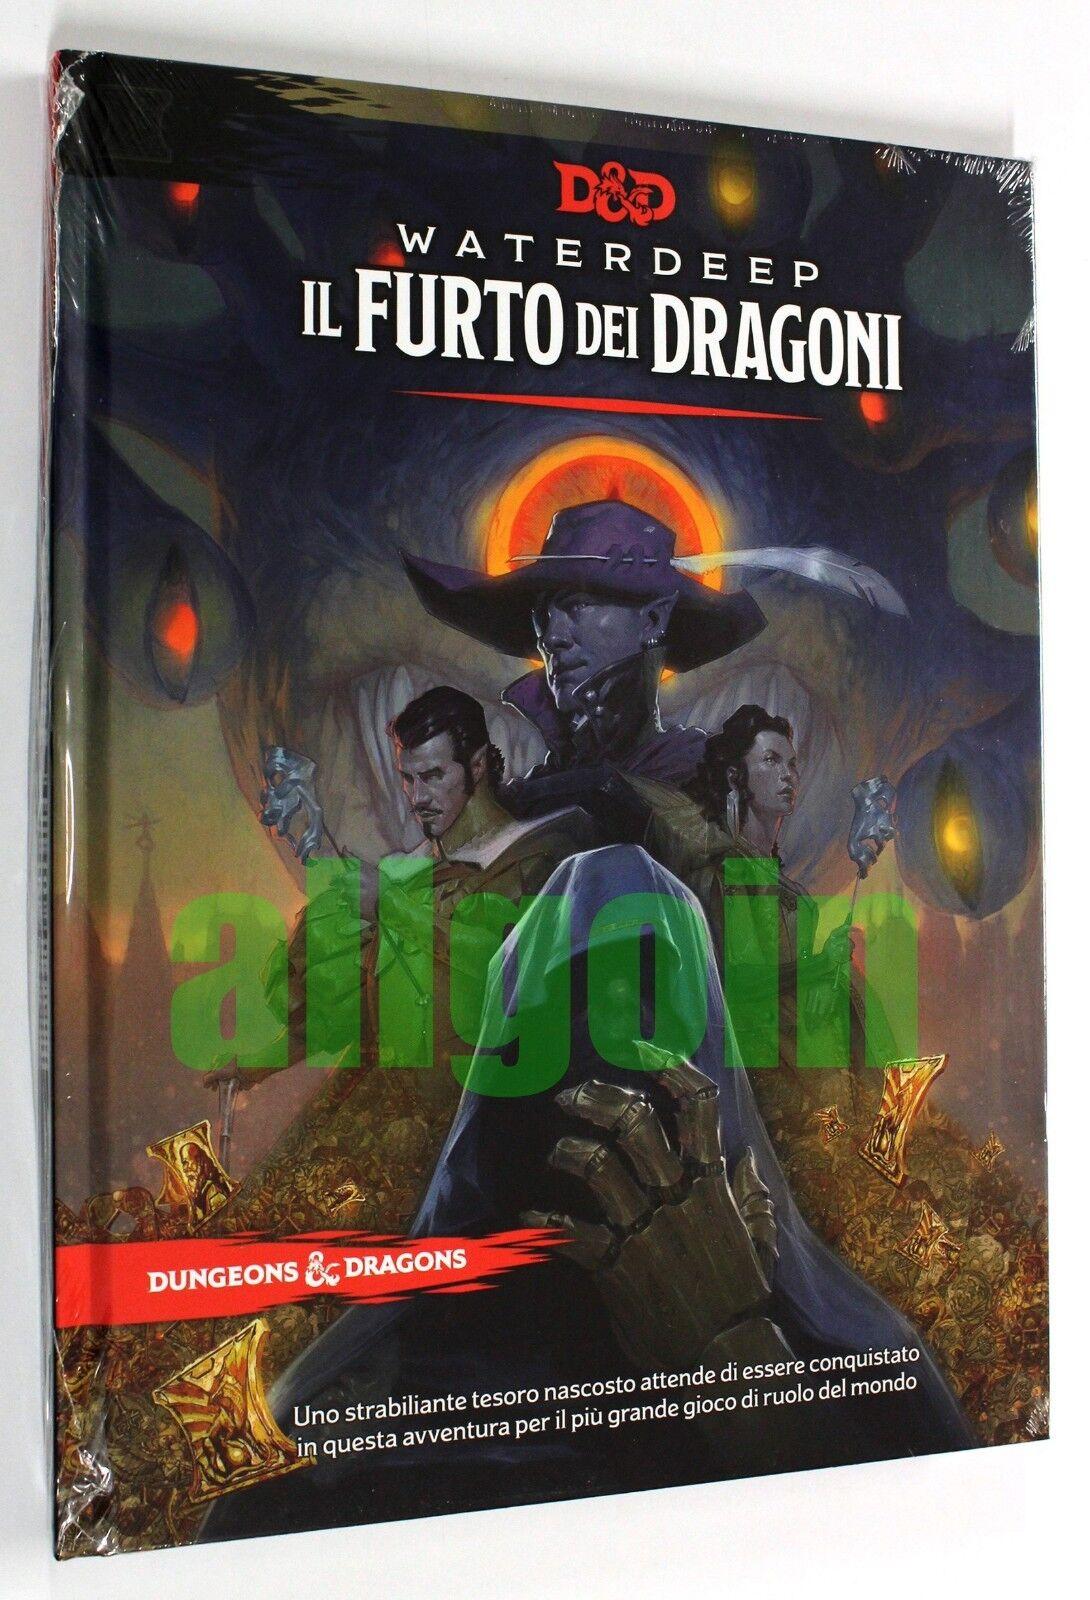 Dungeons & Dragons  WATERDEEP IL FURTO DEI DRAGONI D&D 5e 5^ EDIZIONE AVVENTURA  comodamente